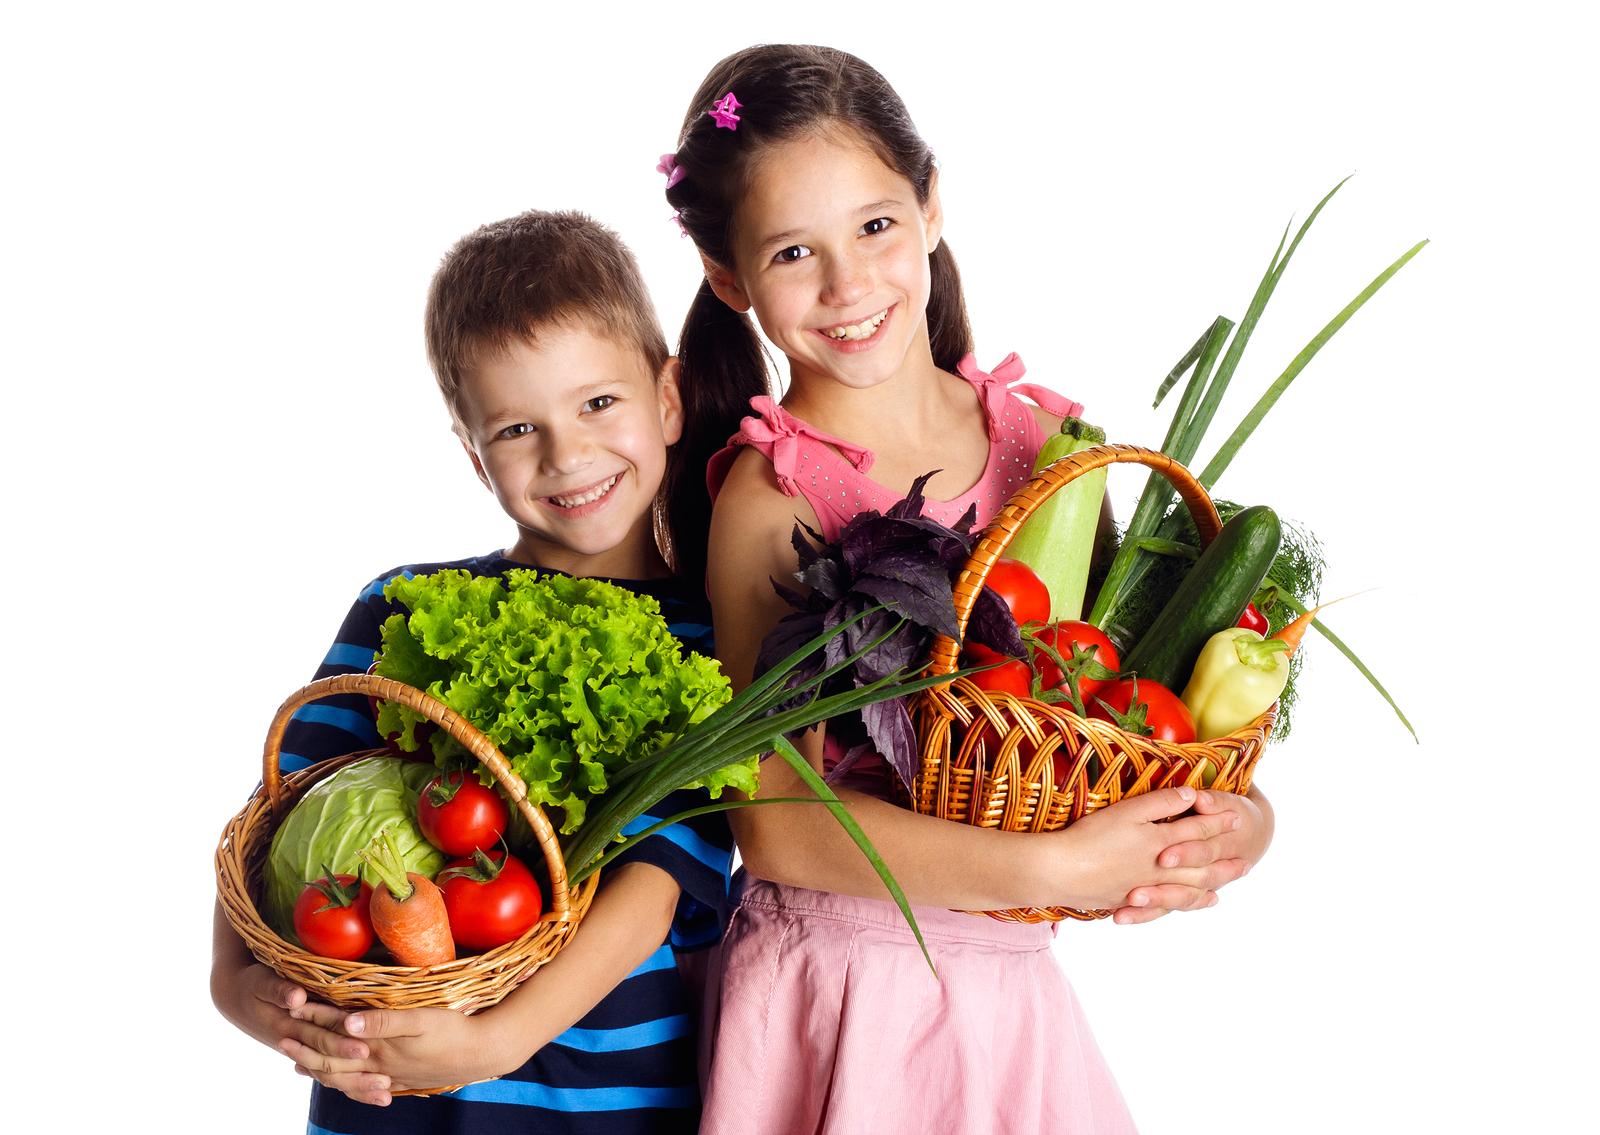 Bambini frutta e verdura in basket